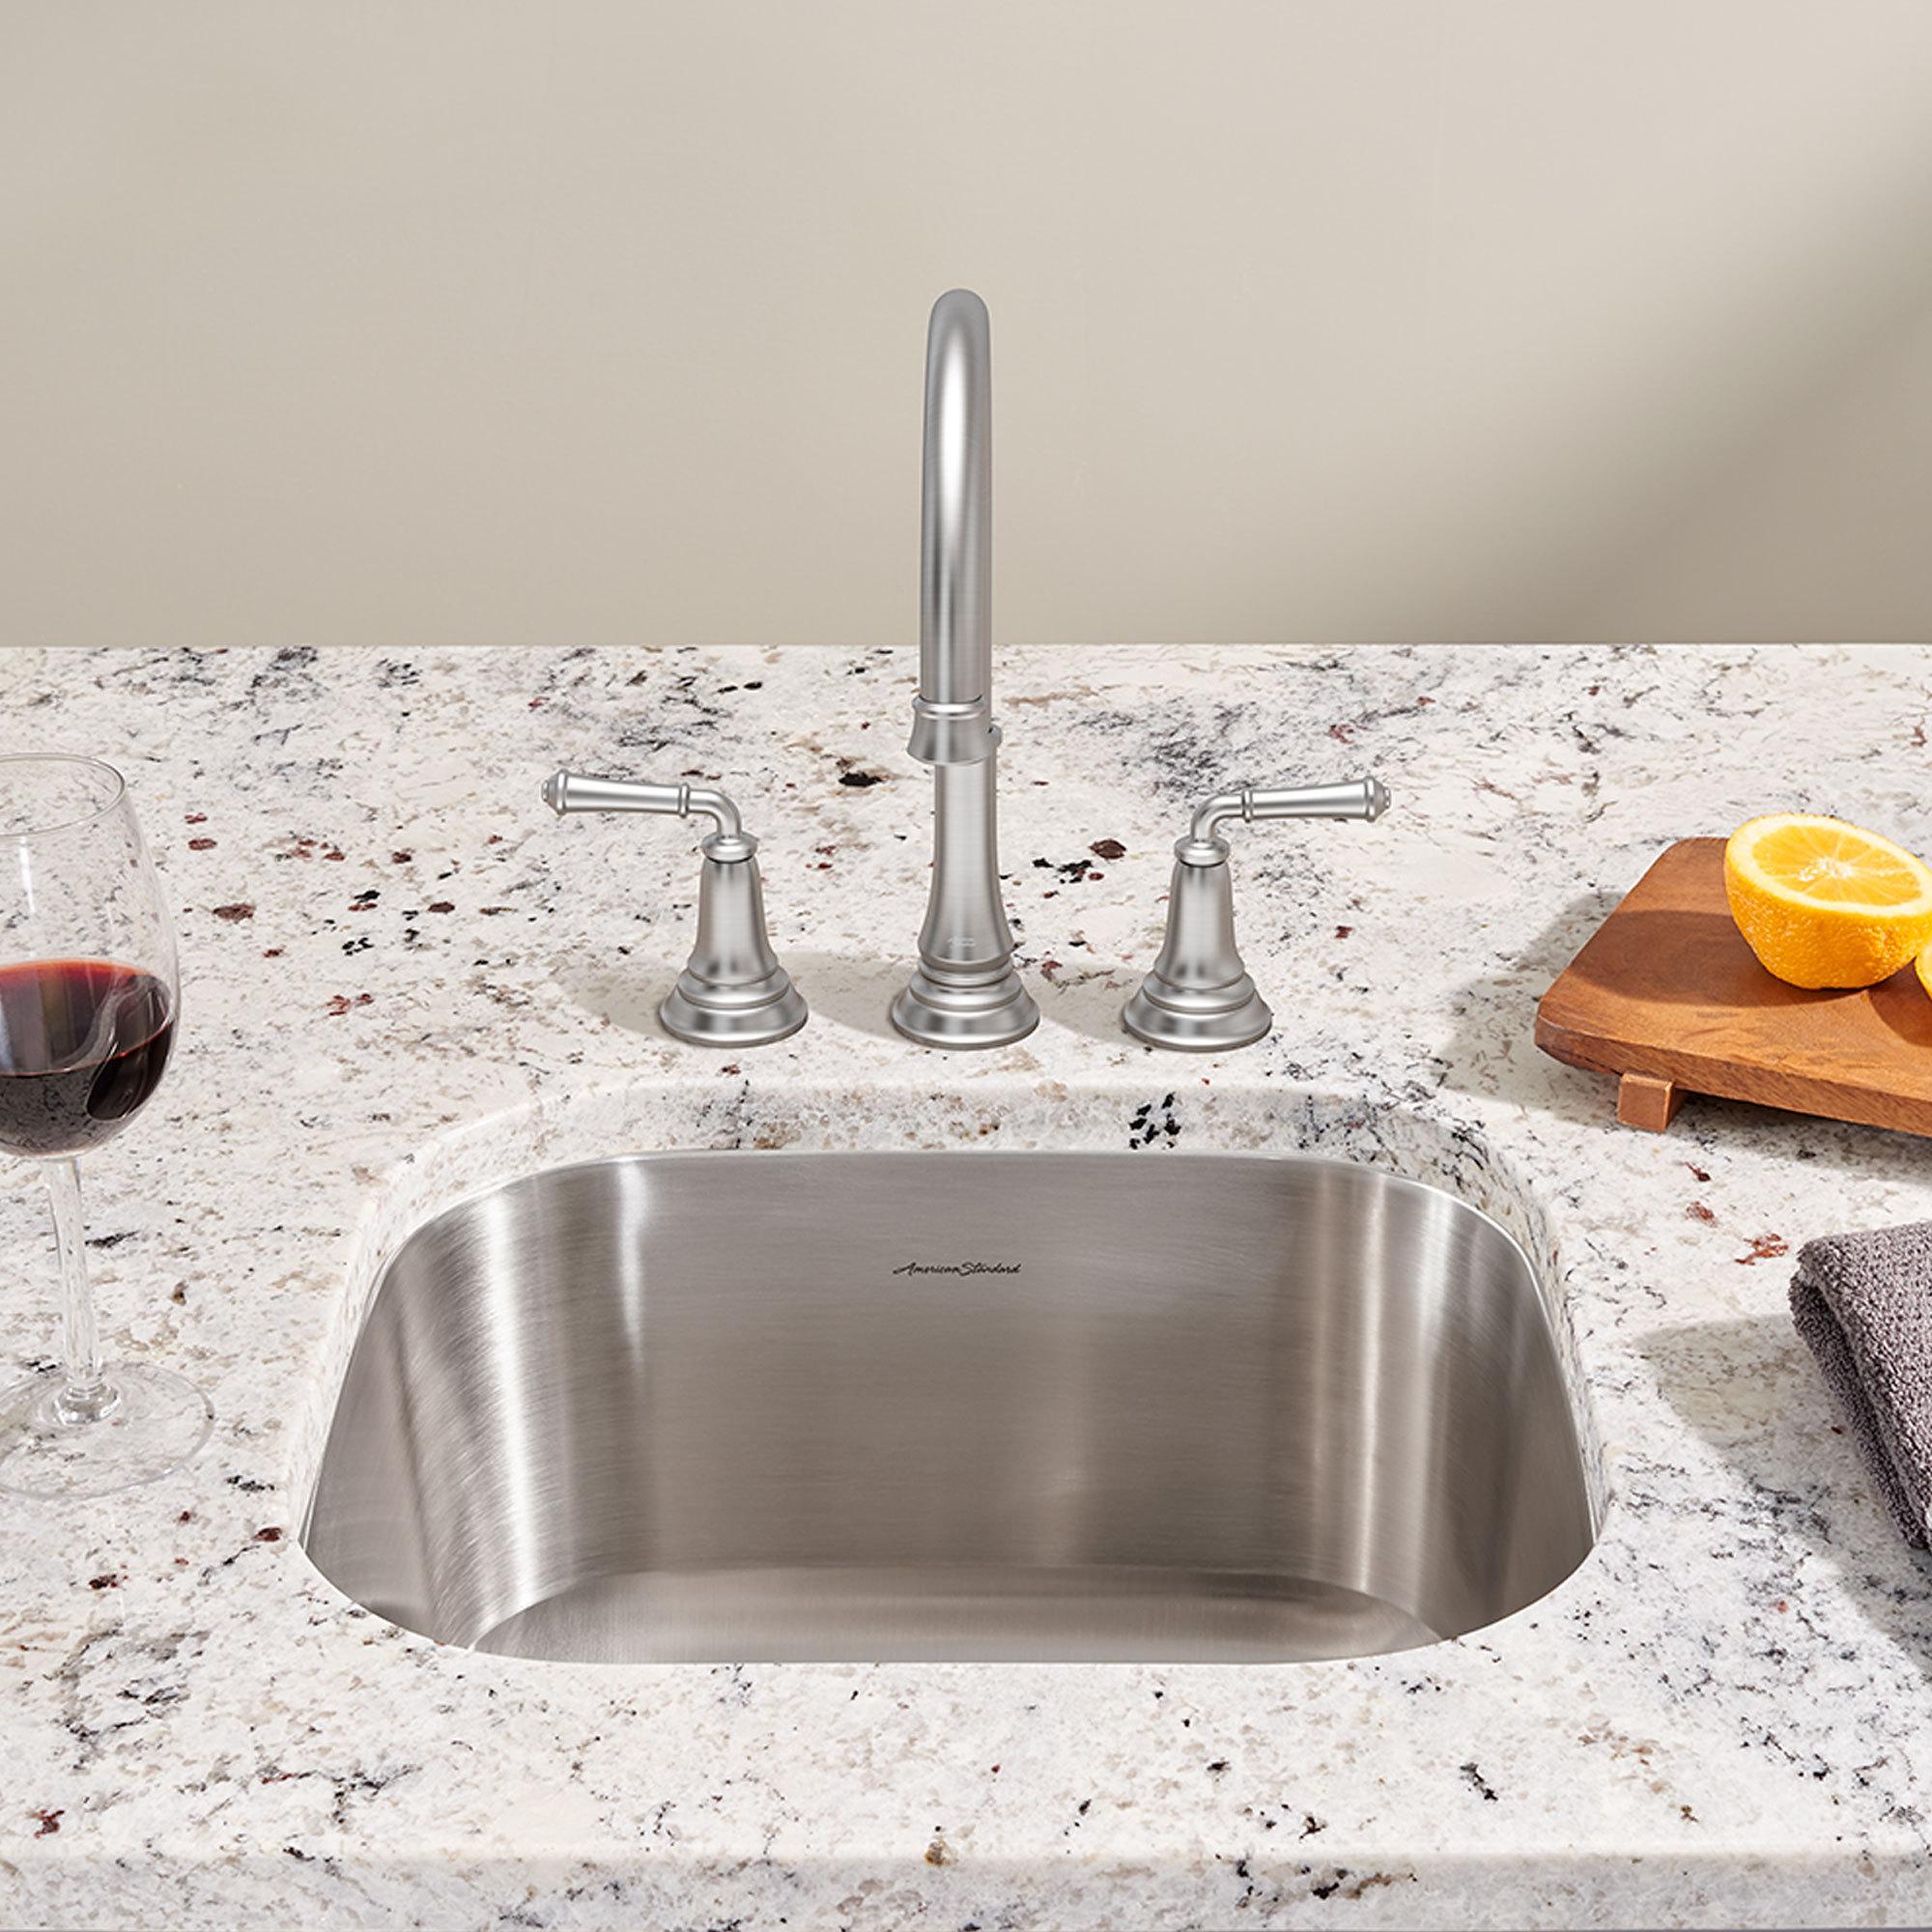 Kitchen Sinks Portsmouth Undermount 18x16 Single Basin Sink DGSQVNU